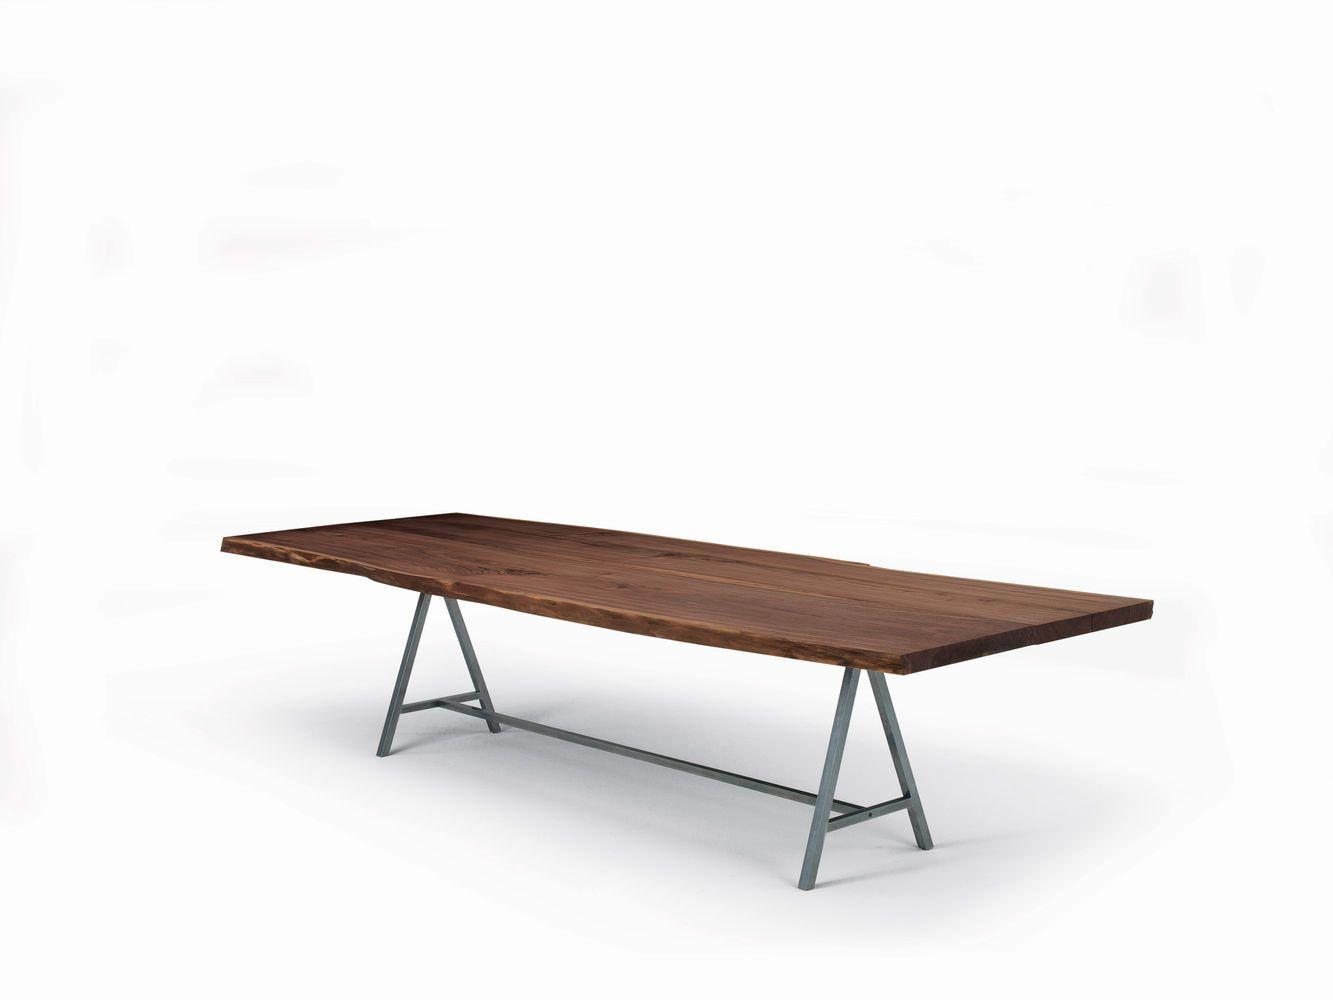 Tavolo con struttura in ferro color naturale oliato e piano in legno ...